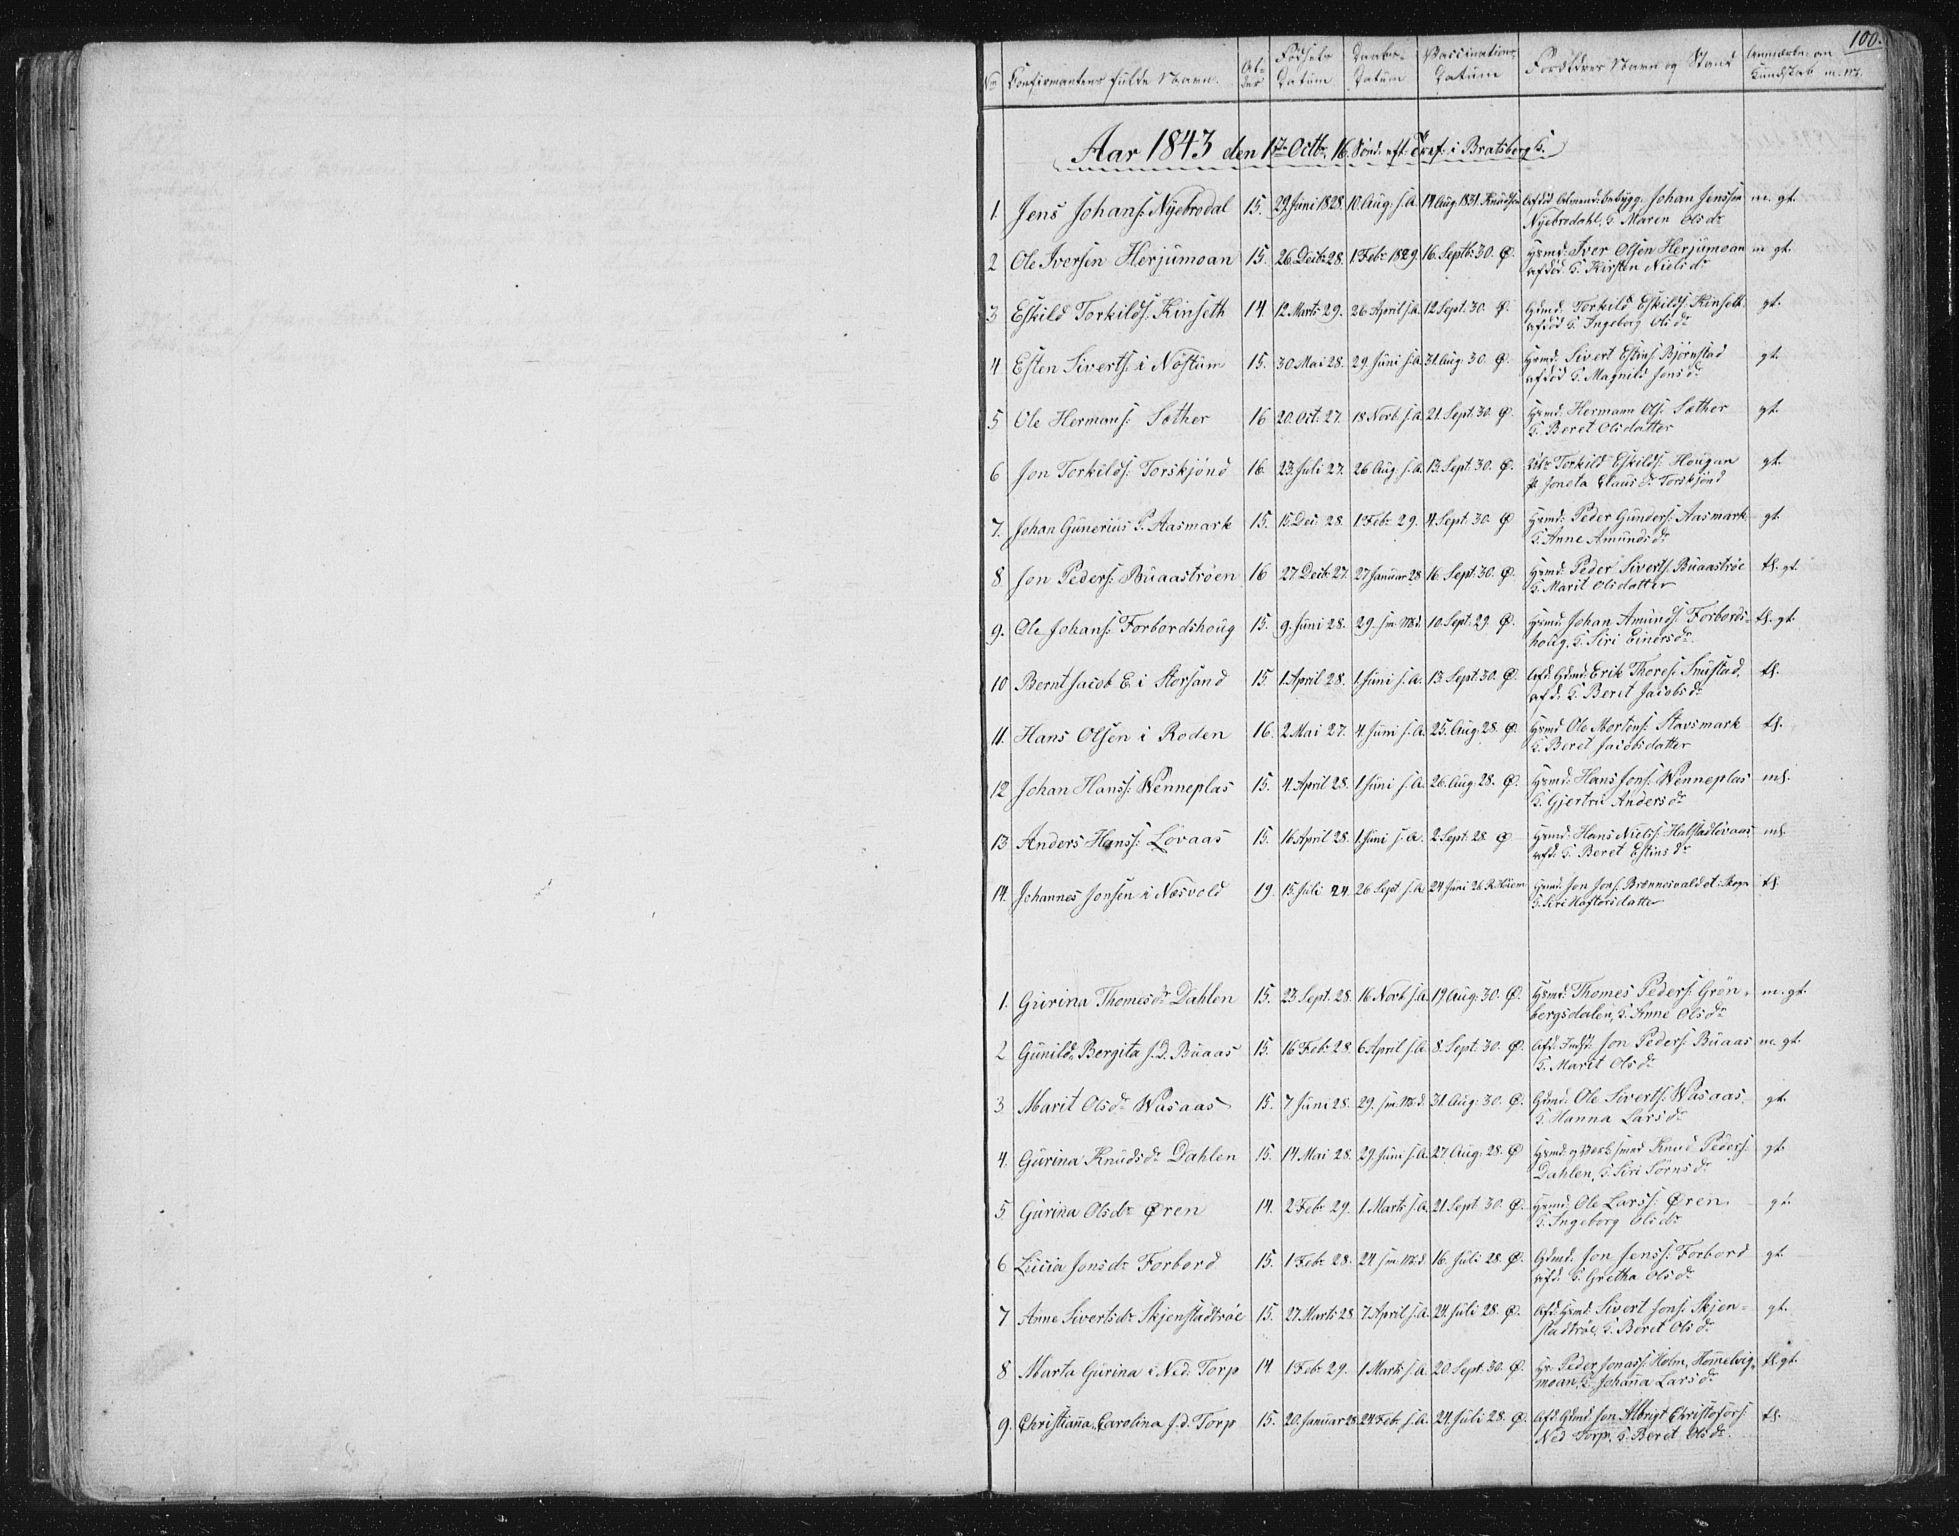 SAT, Ministerialprotokoller, klokkerbøker og fødselsregistre - Sør-Trøndelag, 616/L0406: Ministerialbok nr. 616A03, 1843-1879, s. 100